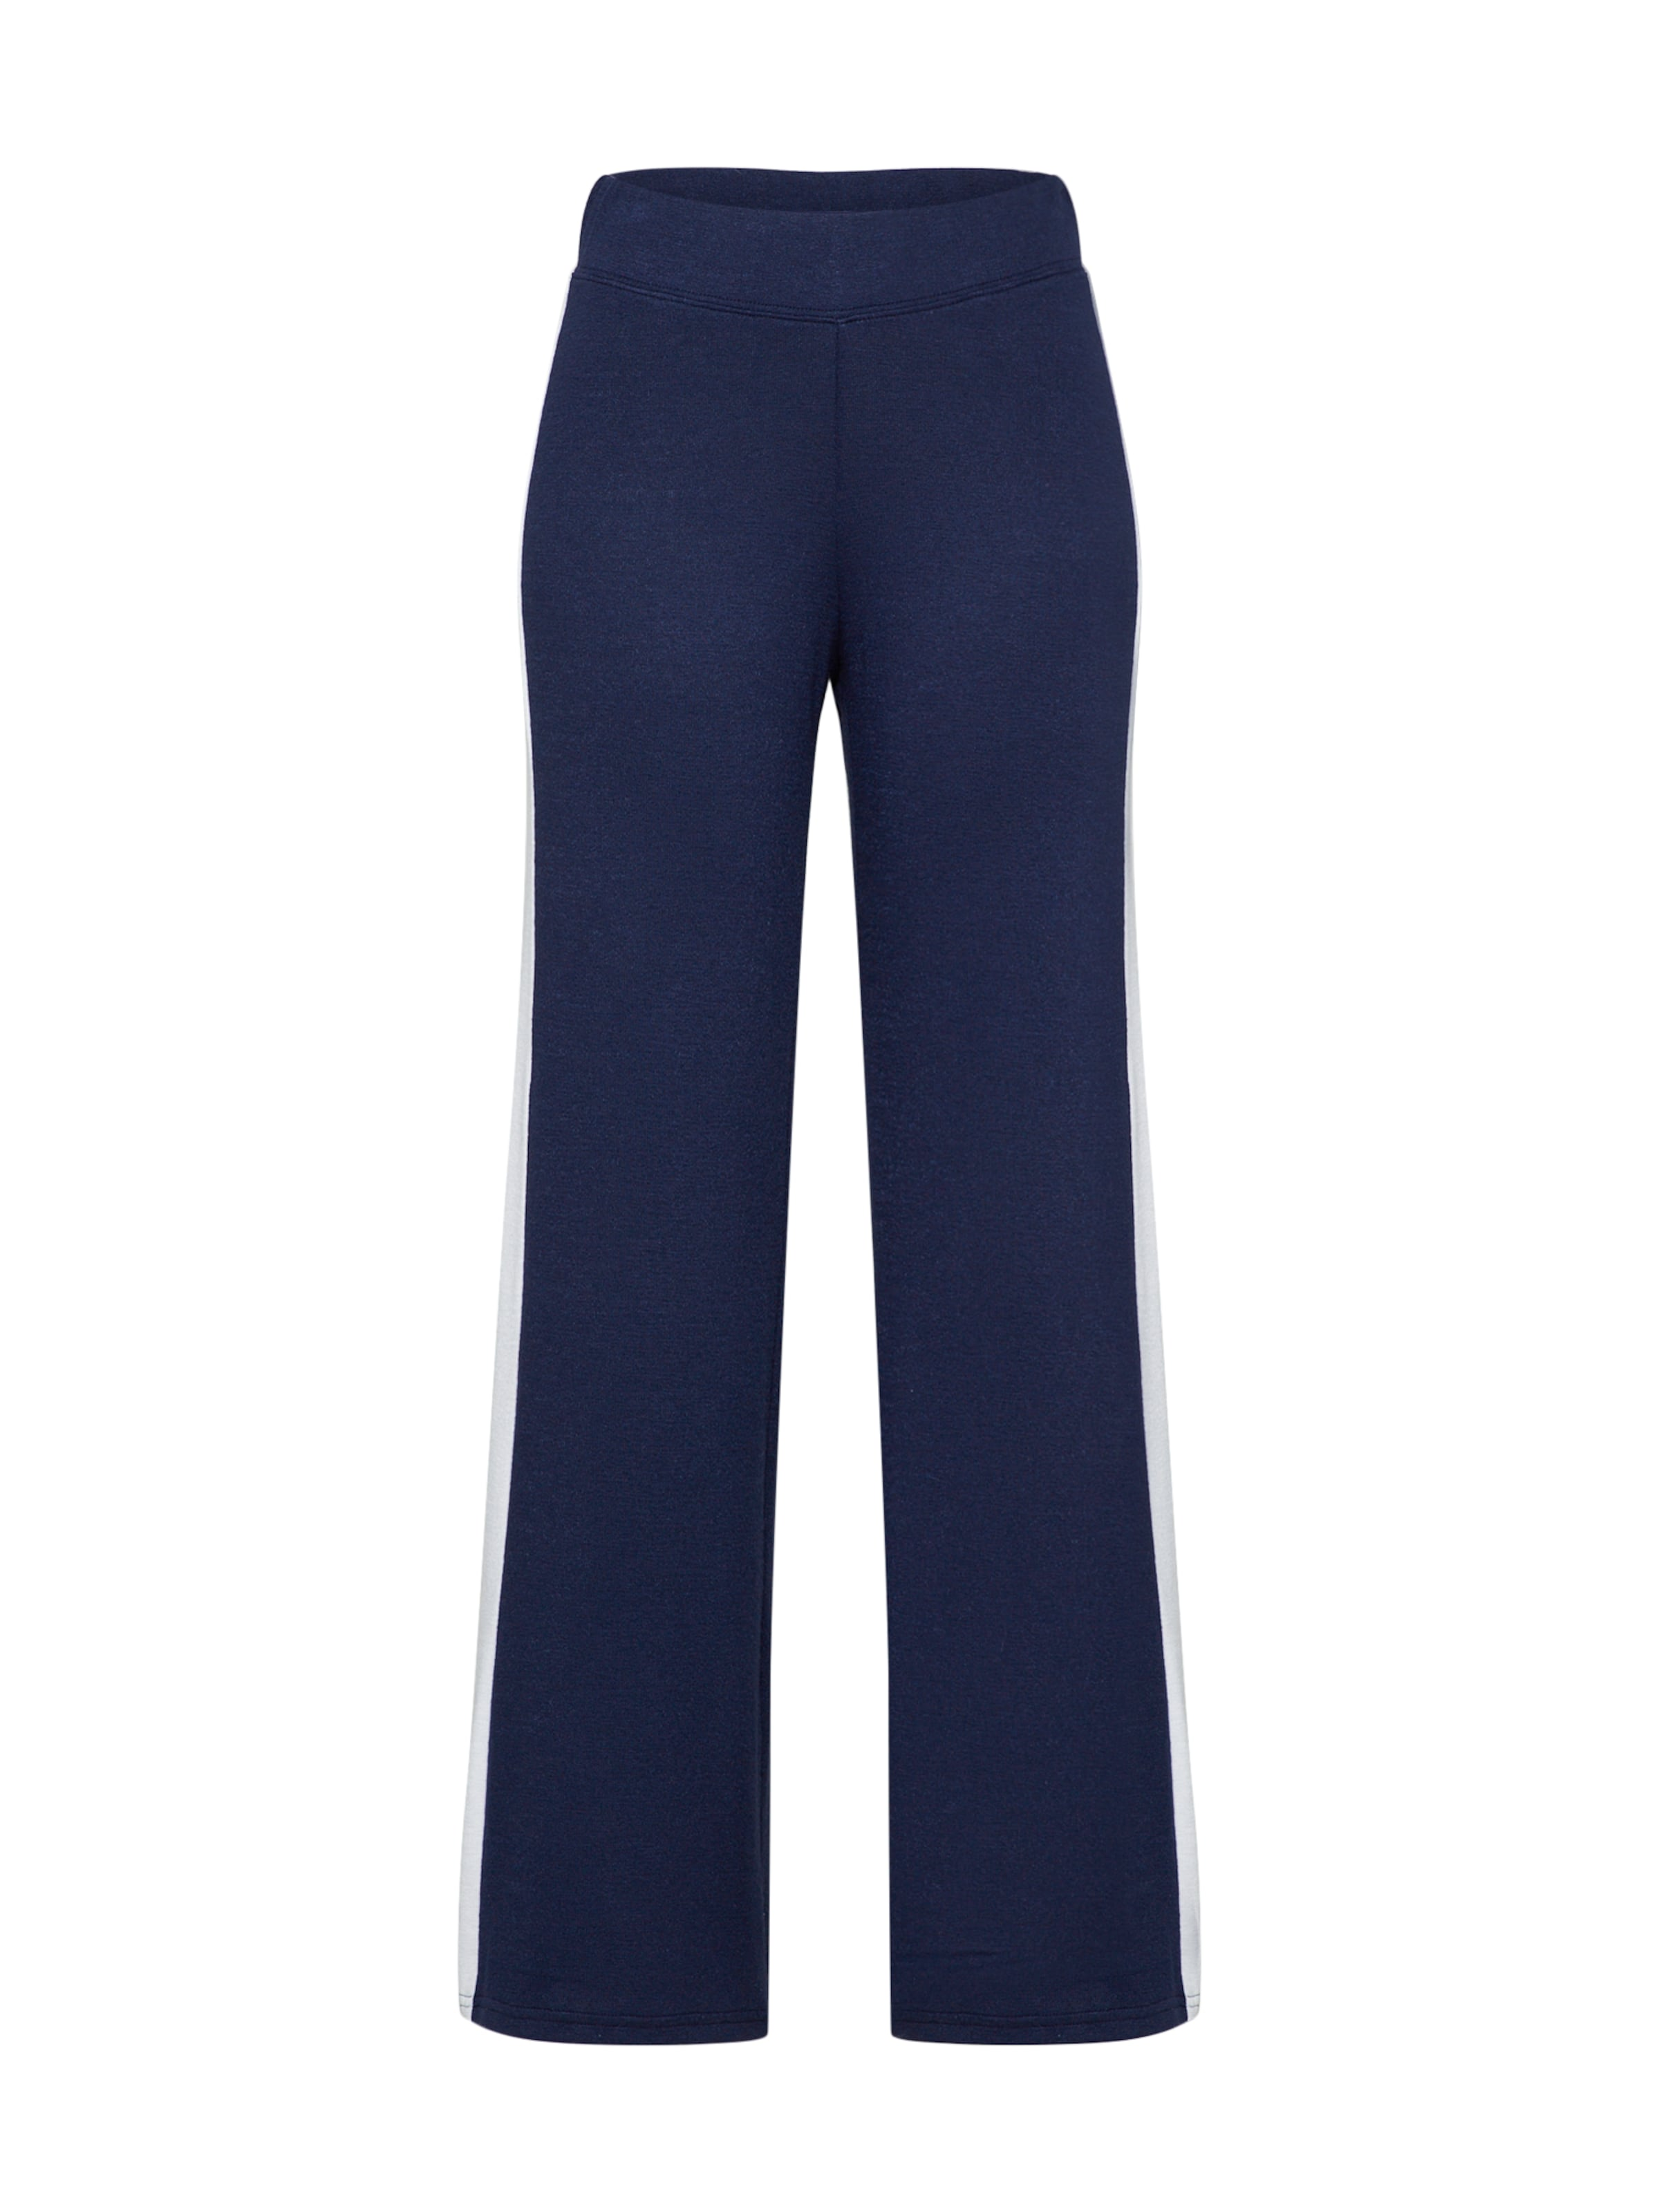 Bleu Pantalon Marine Gap Bleu Marine Gap Pantalon En En Gap Pantalon En Bleu TJ5u1FKcl3